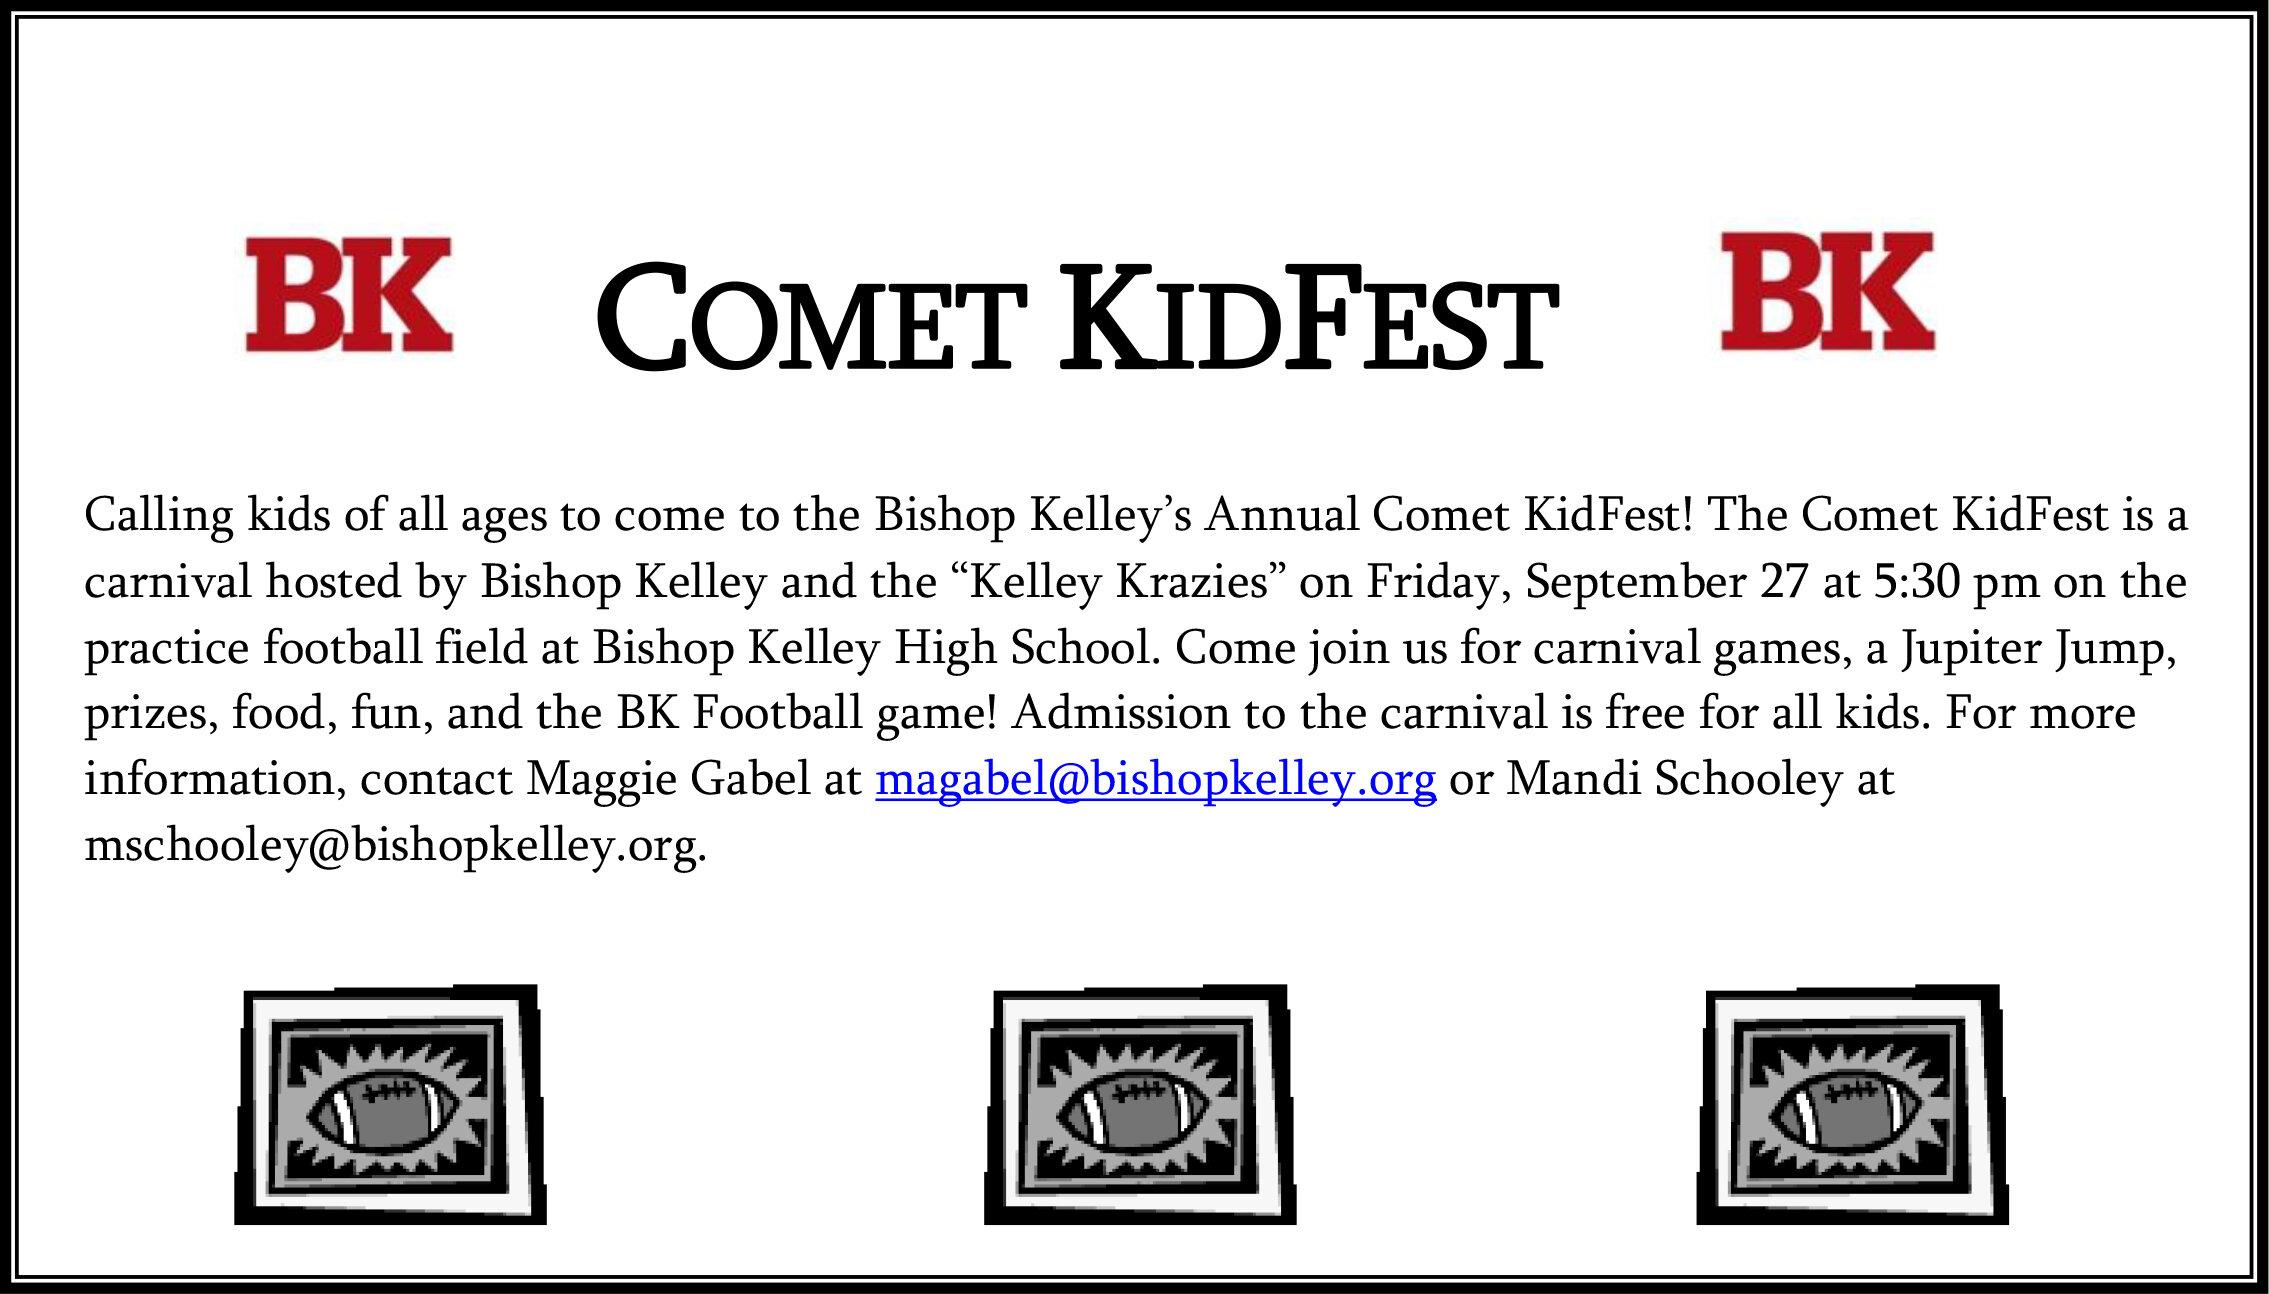 KidfestFlyersForSchools19.jpg